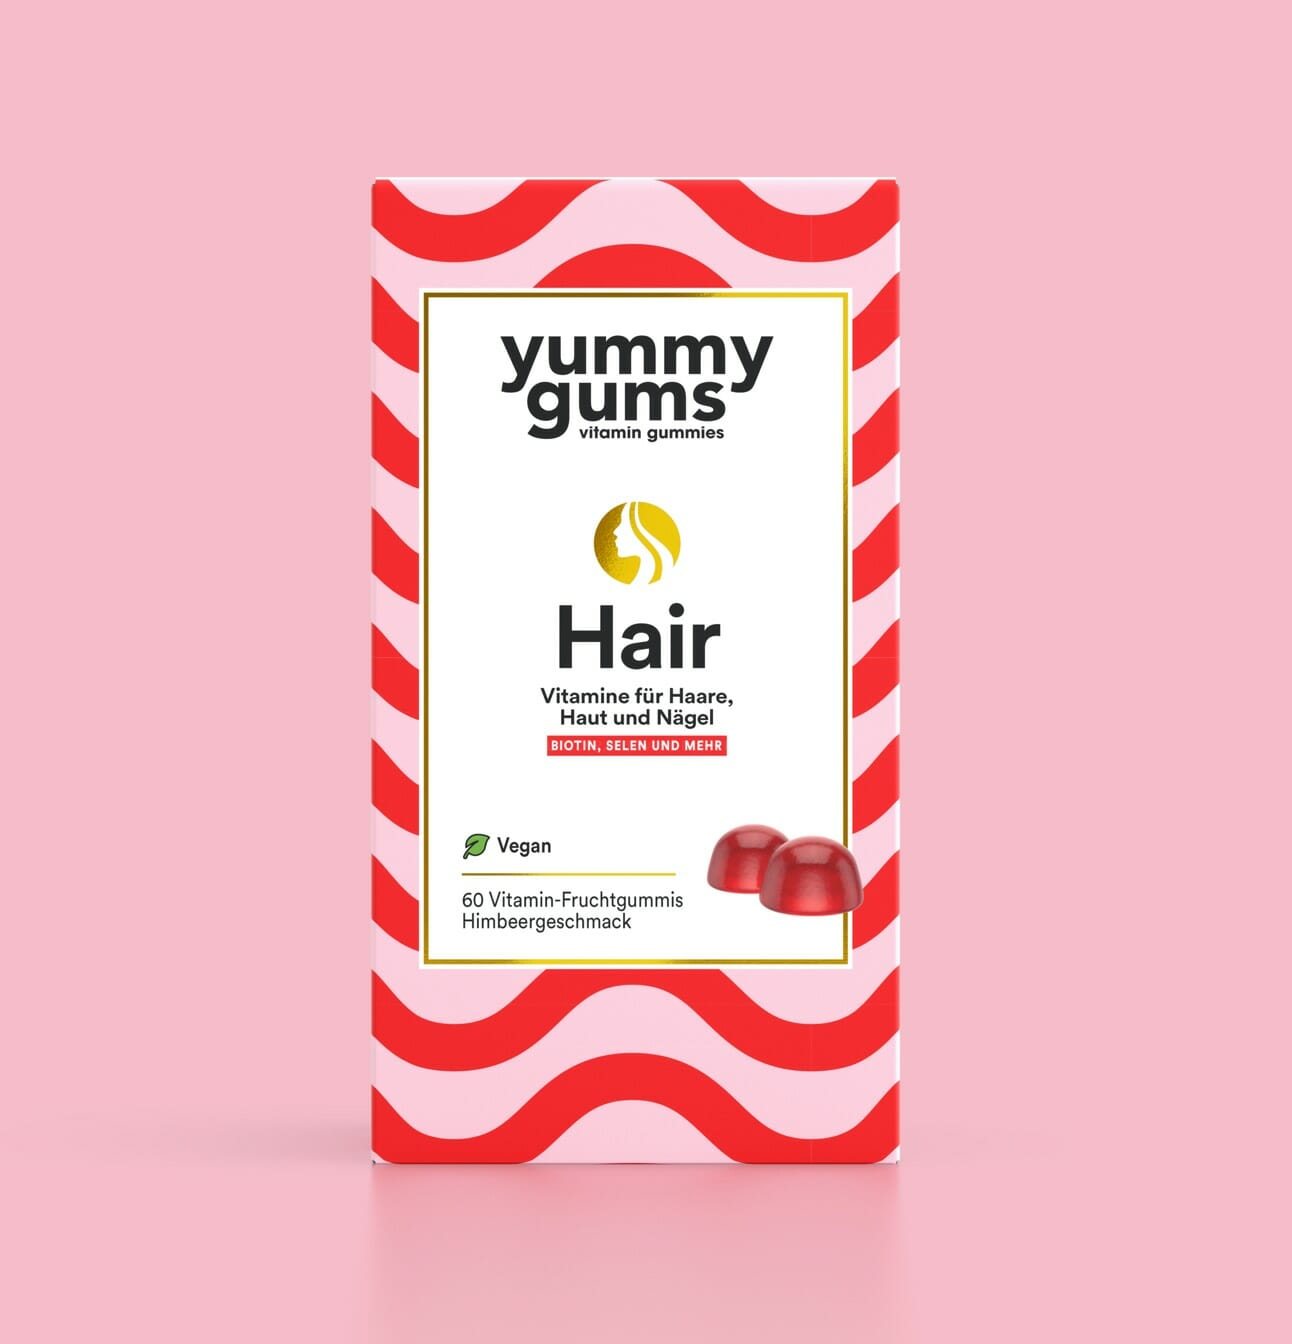 Haarvitamine kaufen - Veganes Vitamin kaufen - Natürliche Vitamine - Yummygums Hair & Beauty